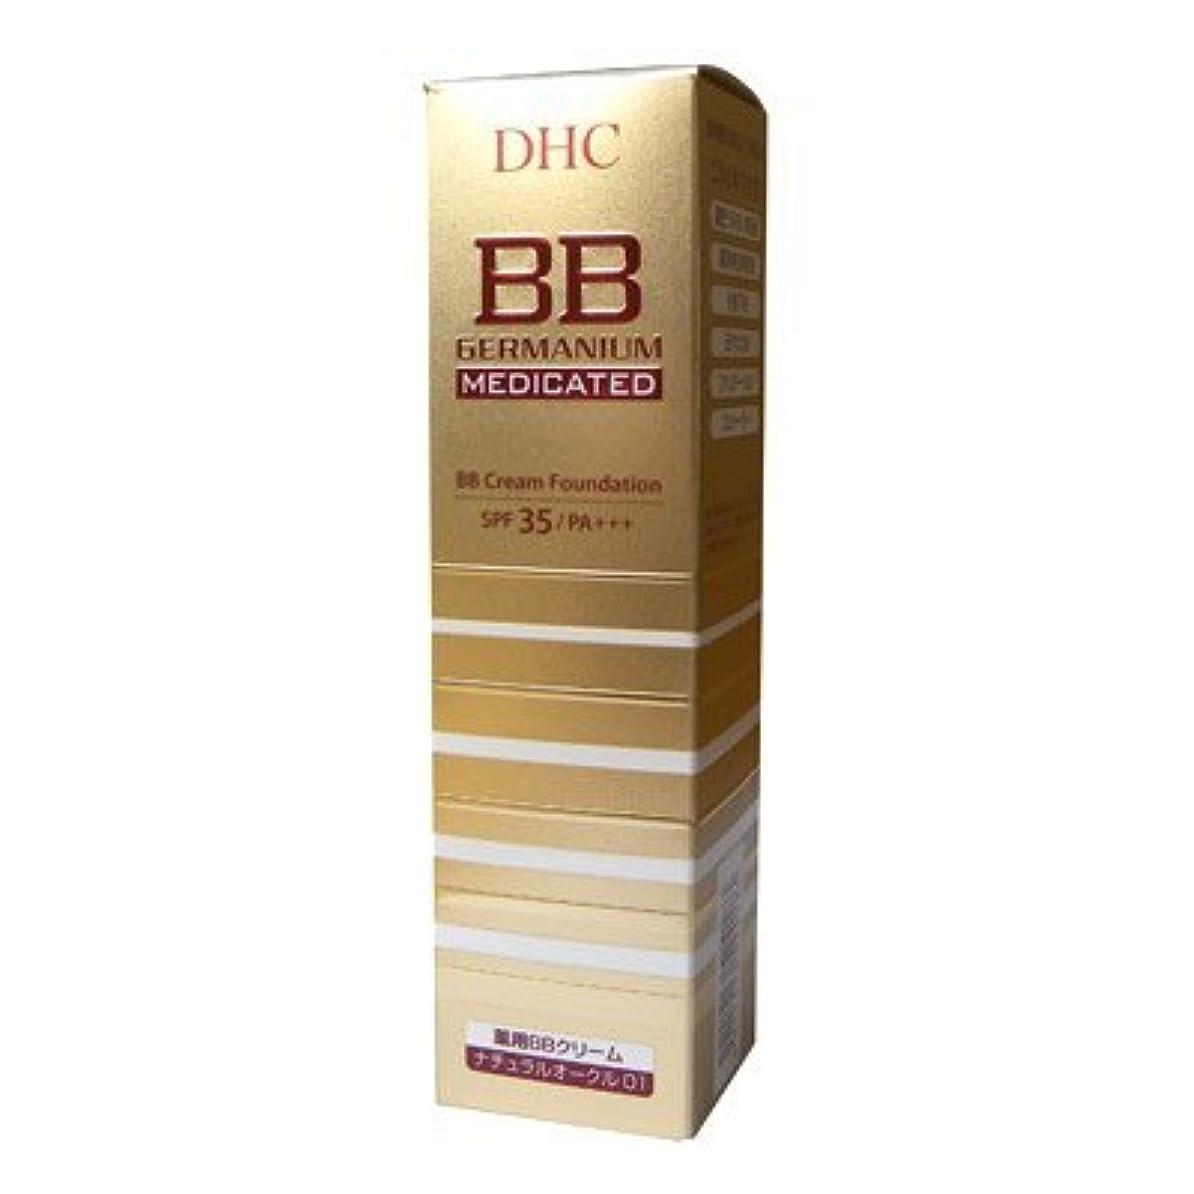 ラップエゴマニアおんどりDHC 薬用 BBクリーム GE 01ナチュラルオークル 40g 医薬部外品